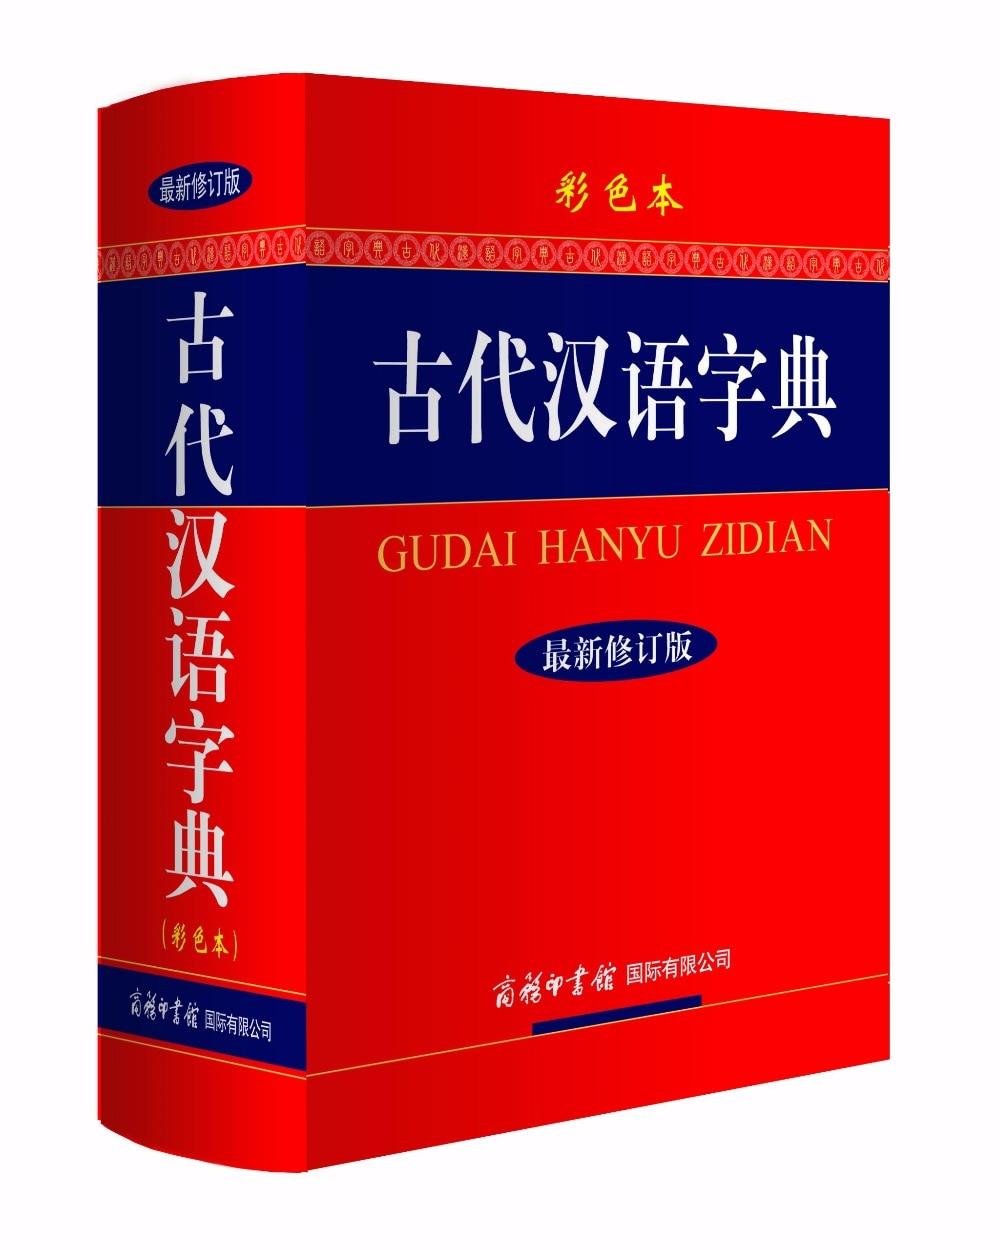 Chine Antique Chinois Caractères Couramment Utilisé Dictionnaire Livre Chinois Outil D'apprentissage